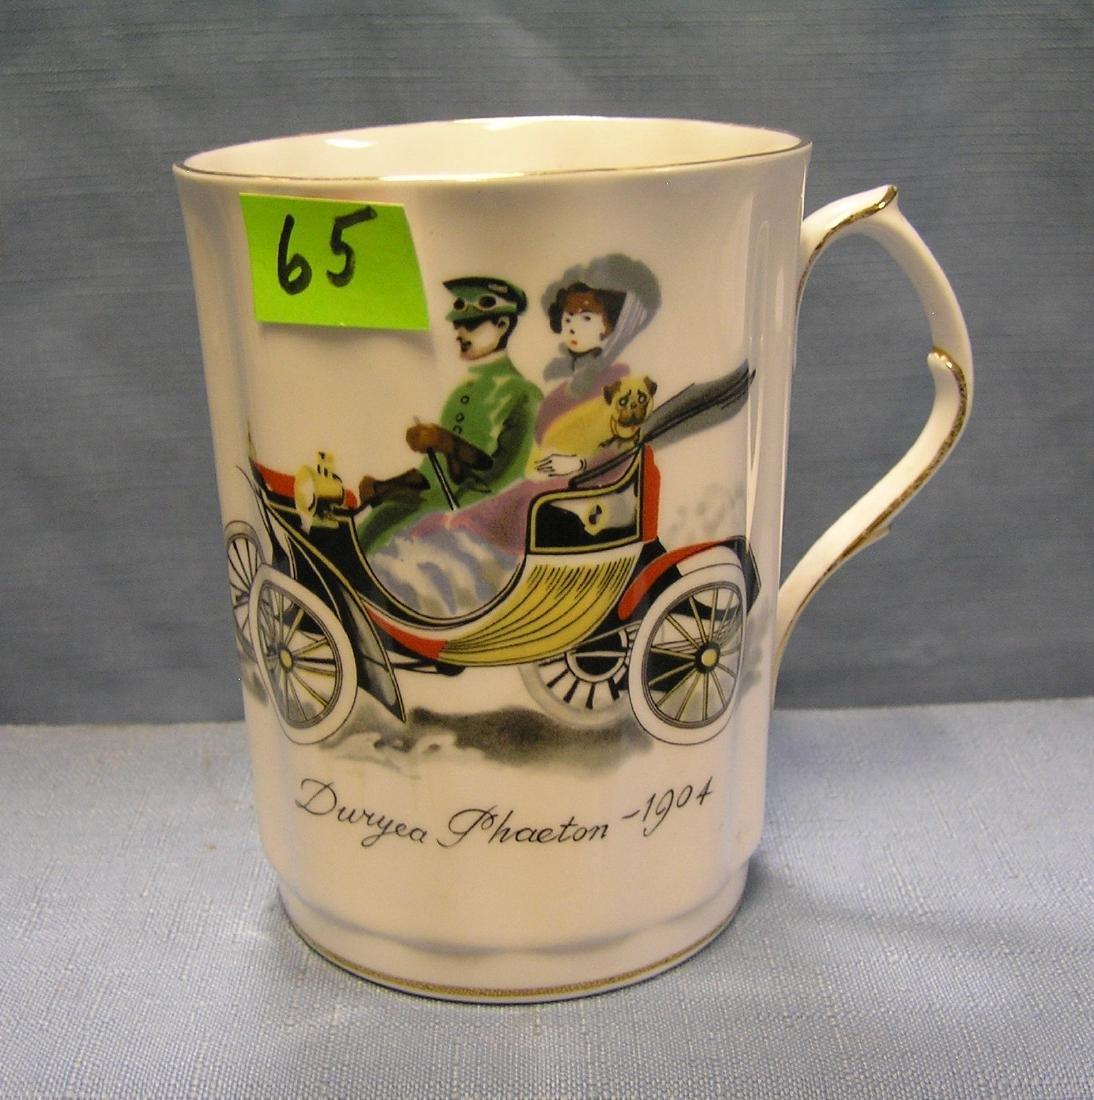 Duryea Phaeton horseless carriage coffee mug